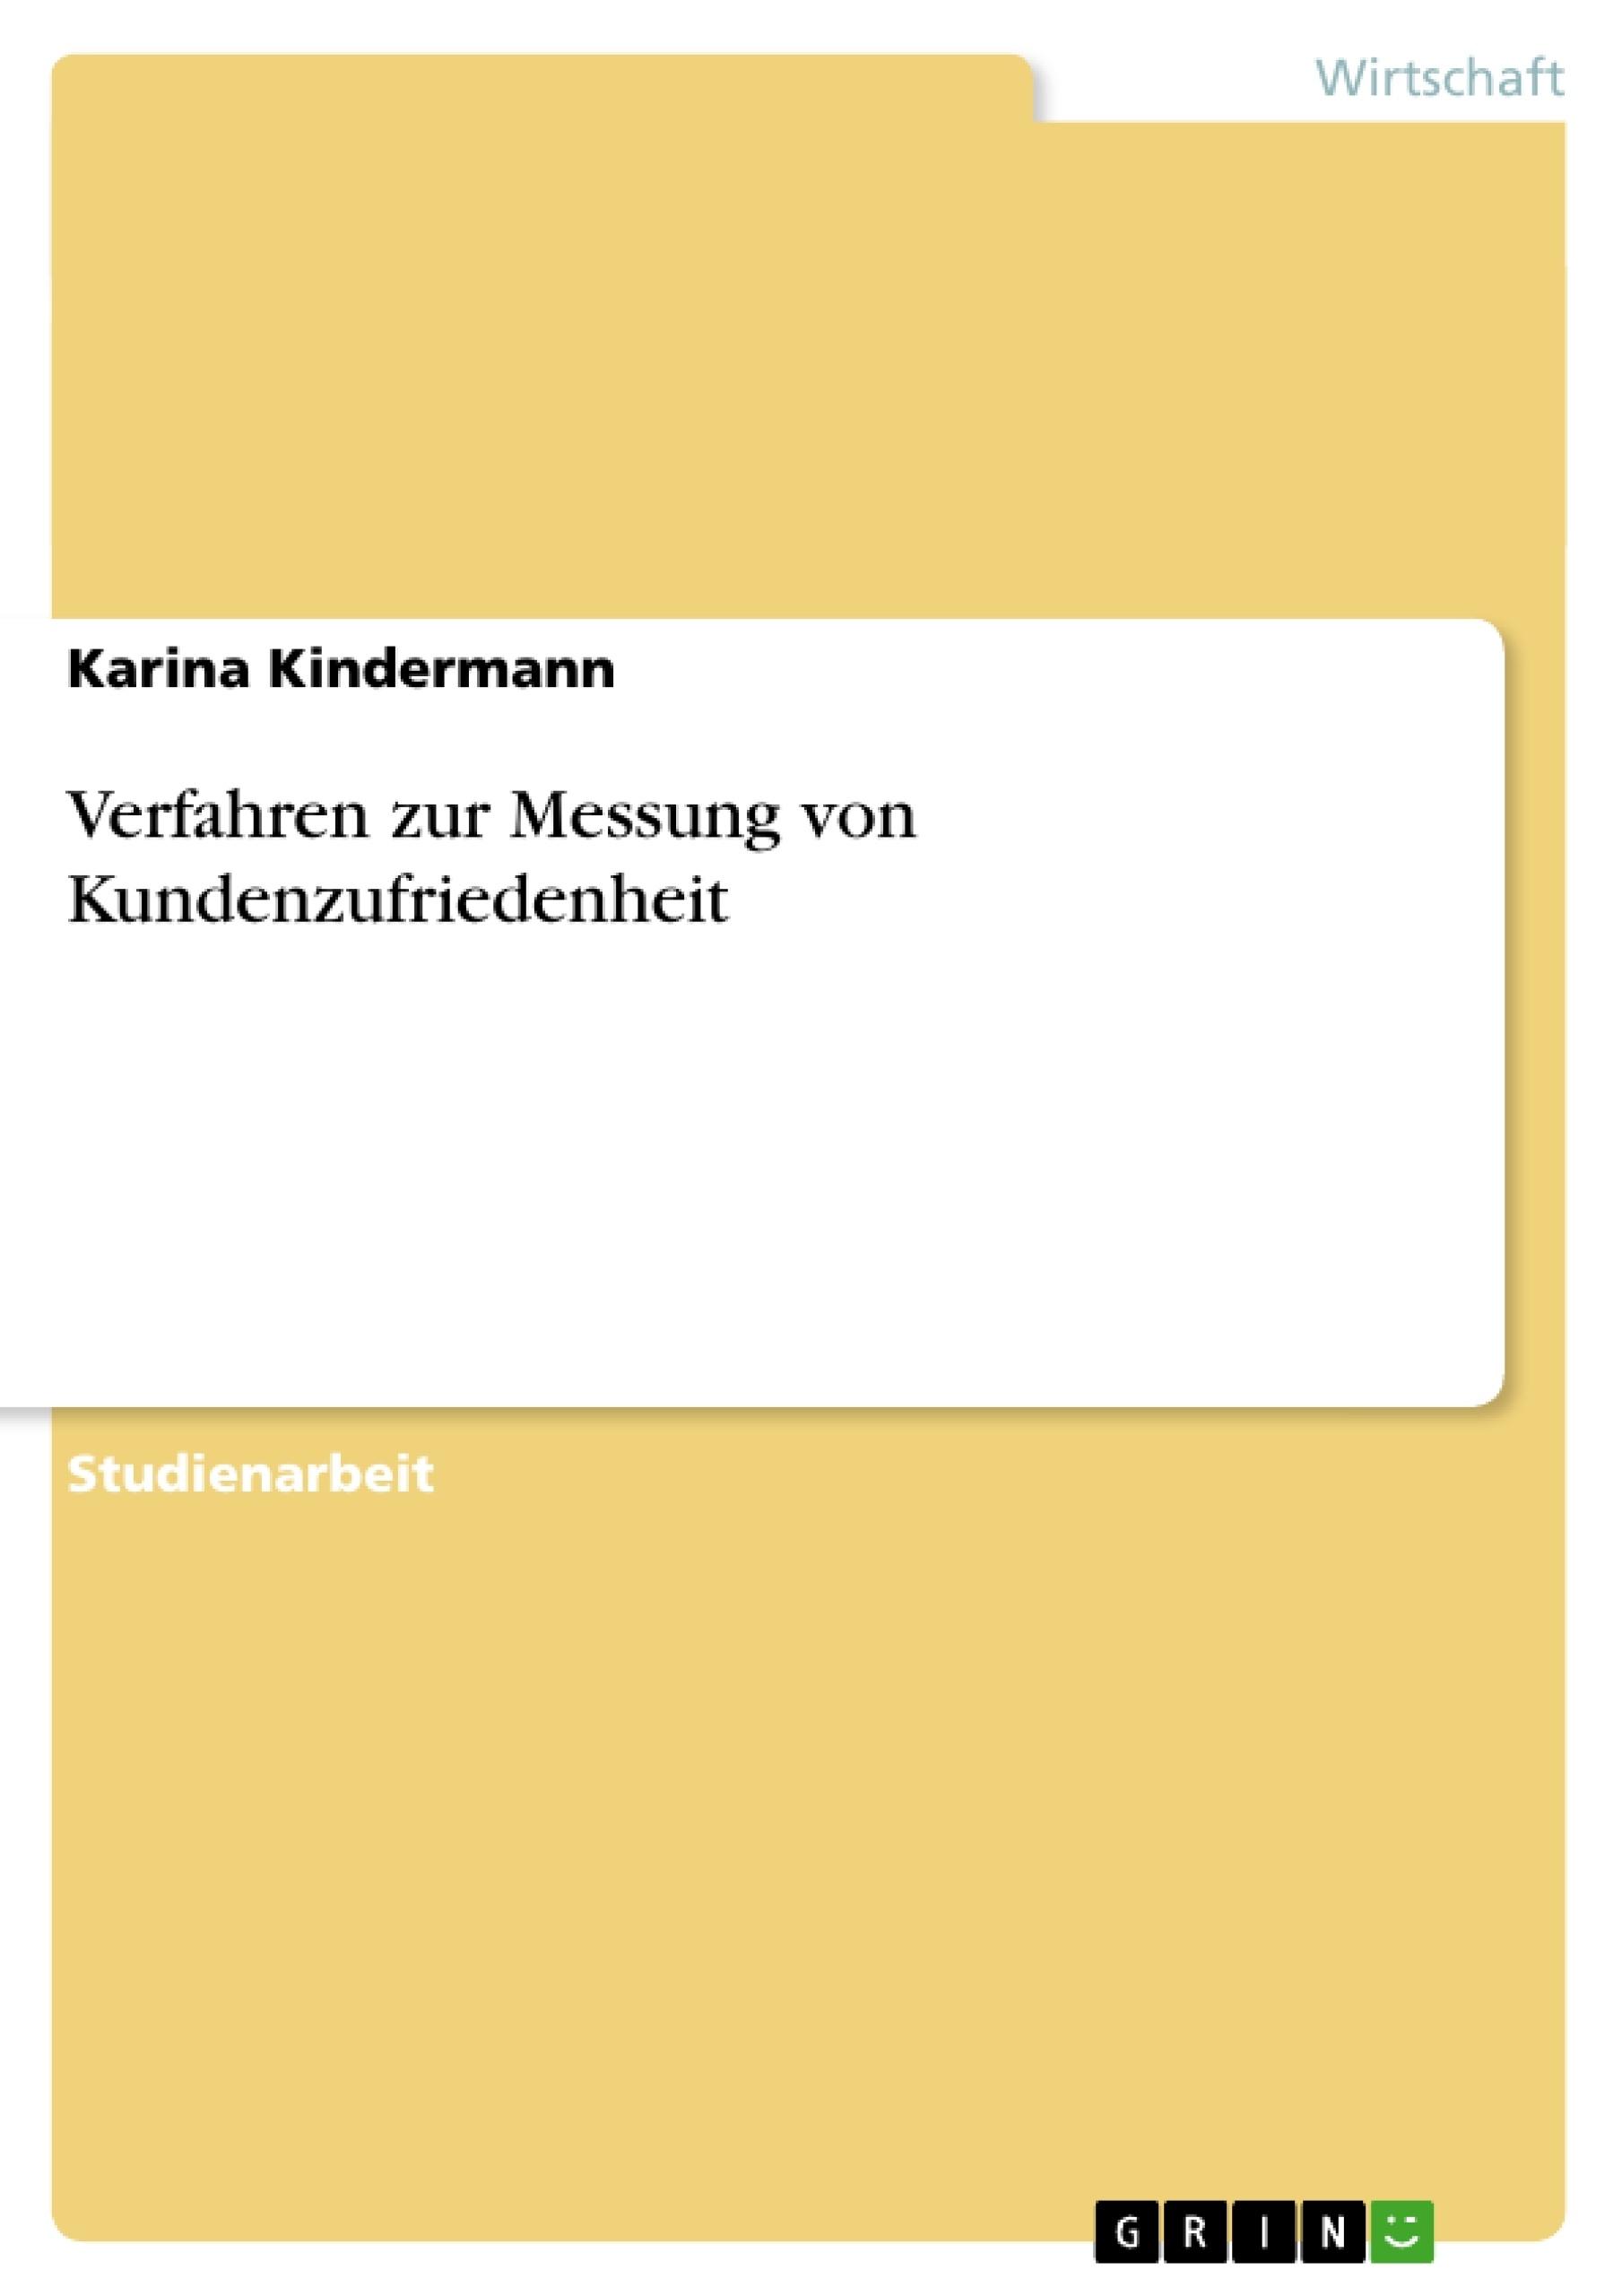 Titel: Verfahren zur Messung von Kundenzufriedenheit